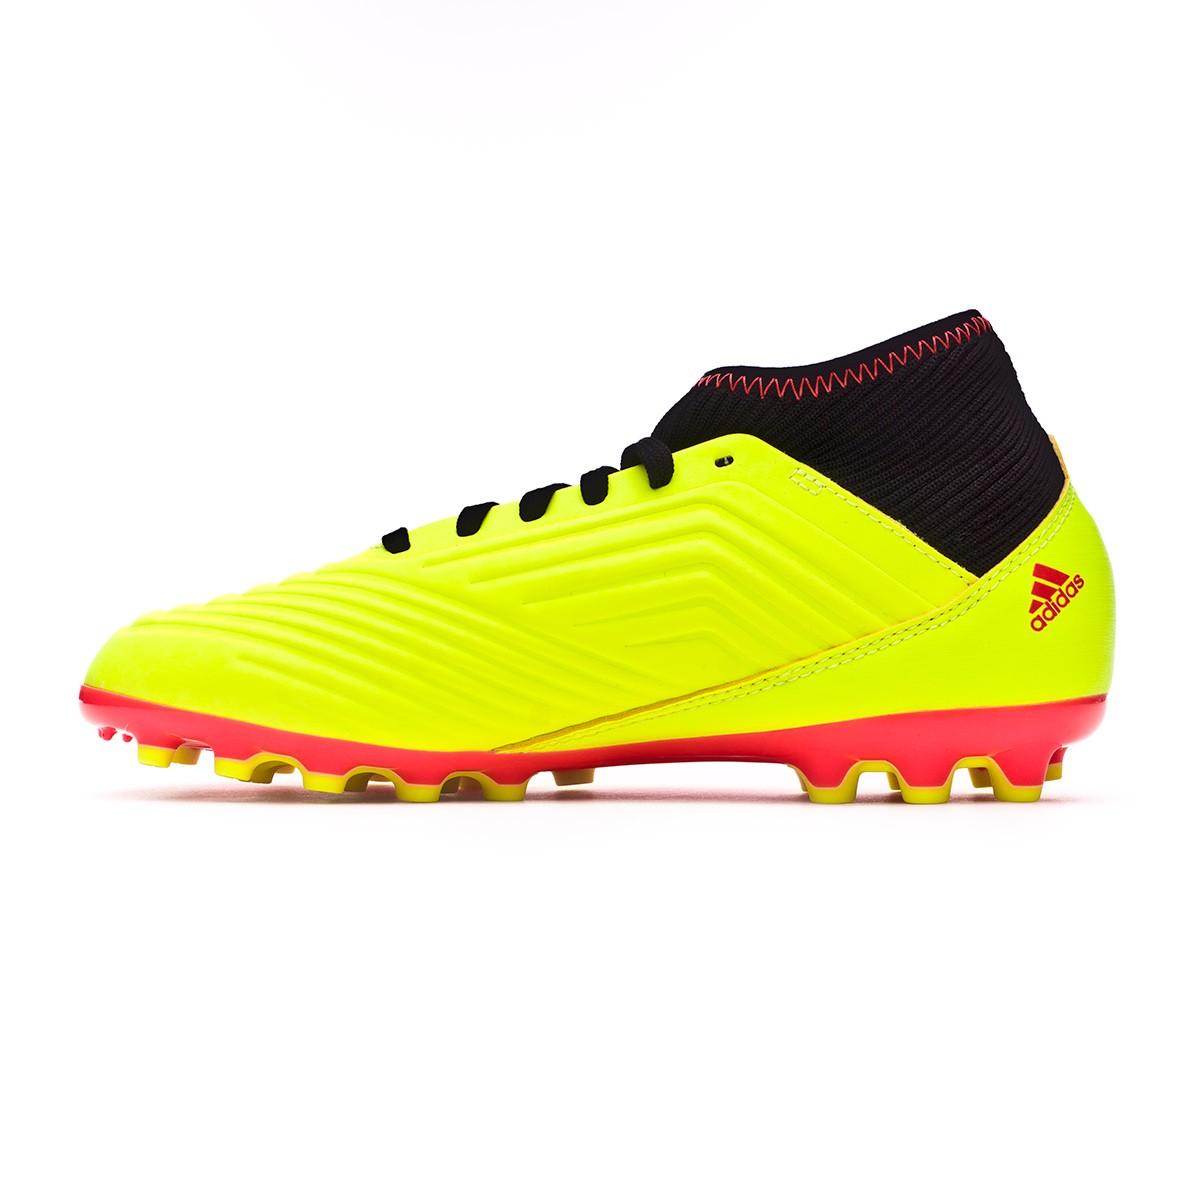 274d07ed549 Zapatos de fútbol adidas Predator 18.3 AG Niño Solar yellow-Black-Solar red  - Tienda de fútbol Fútbol Emotion